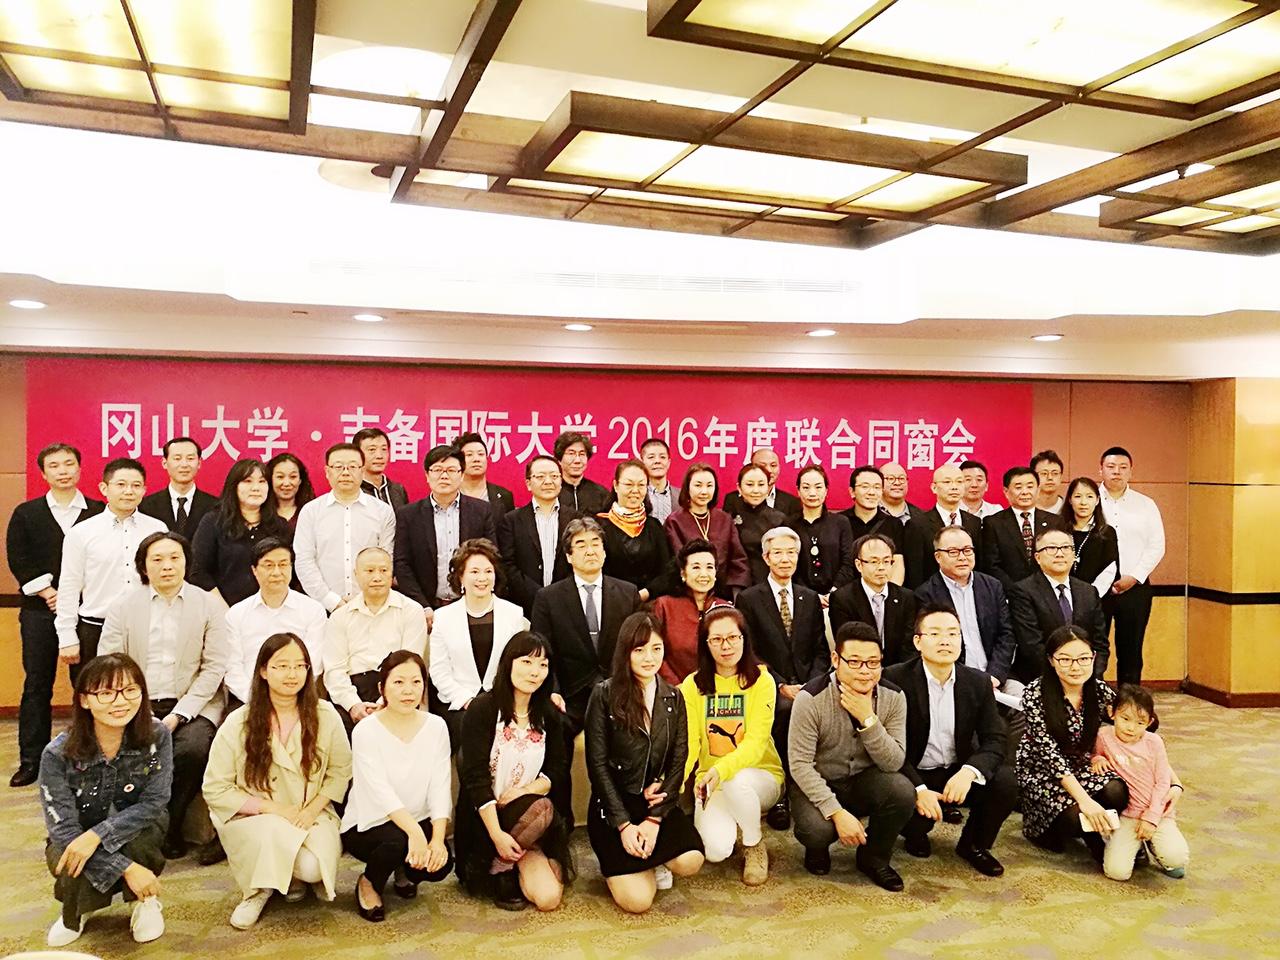 吉備国際大学・岡山大学2016年共同同窓会を開催しました